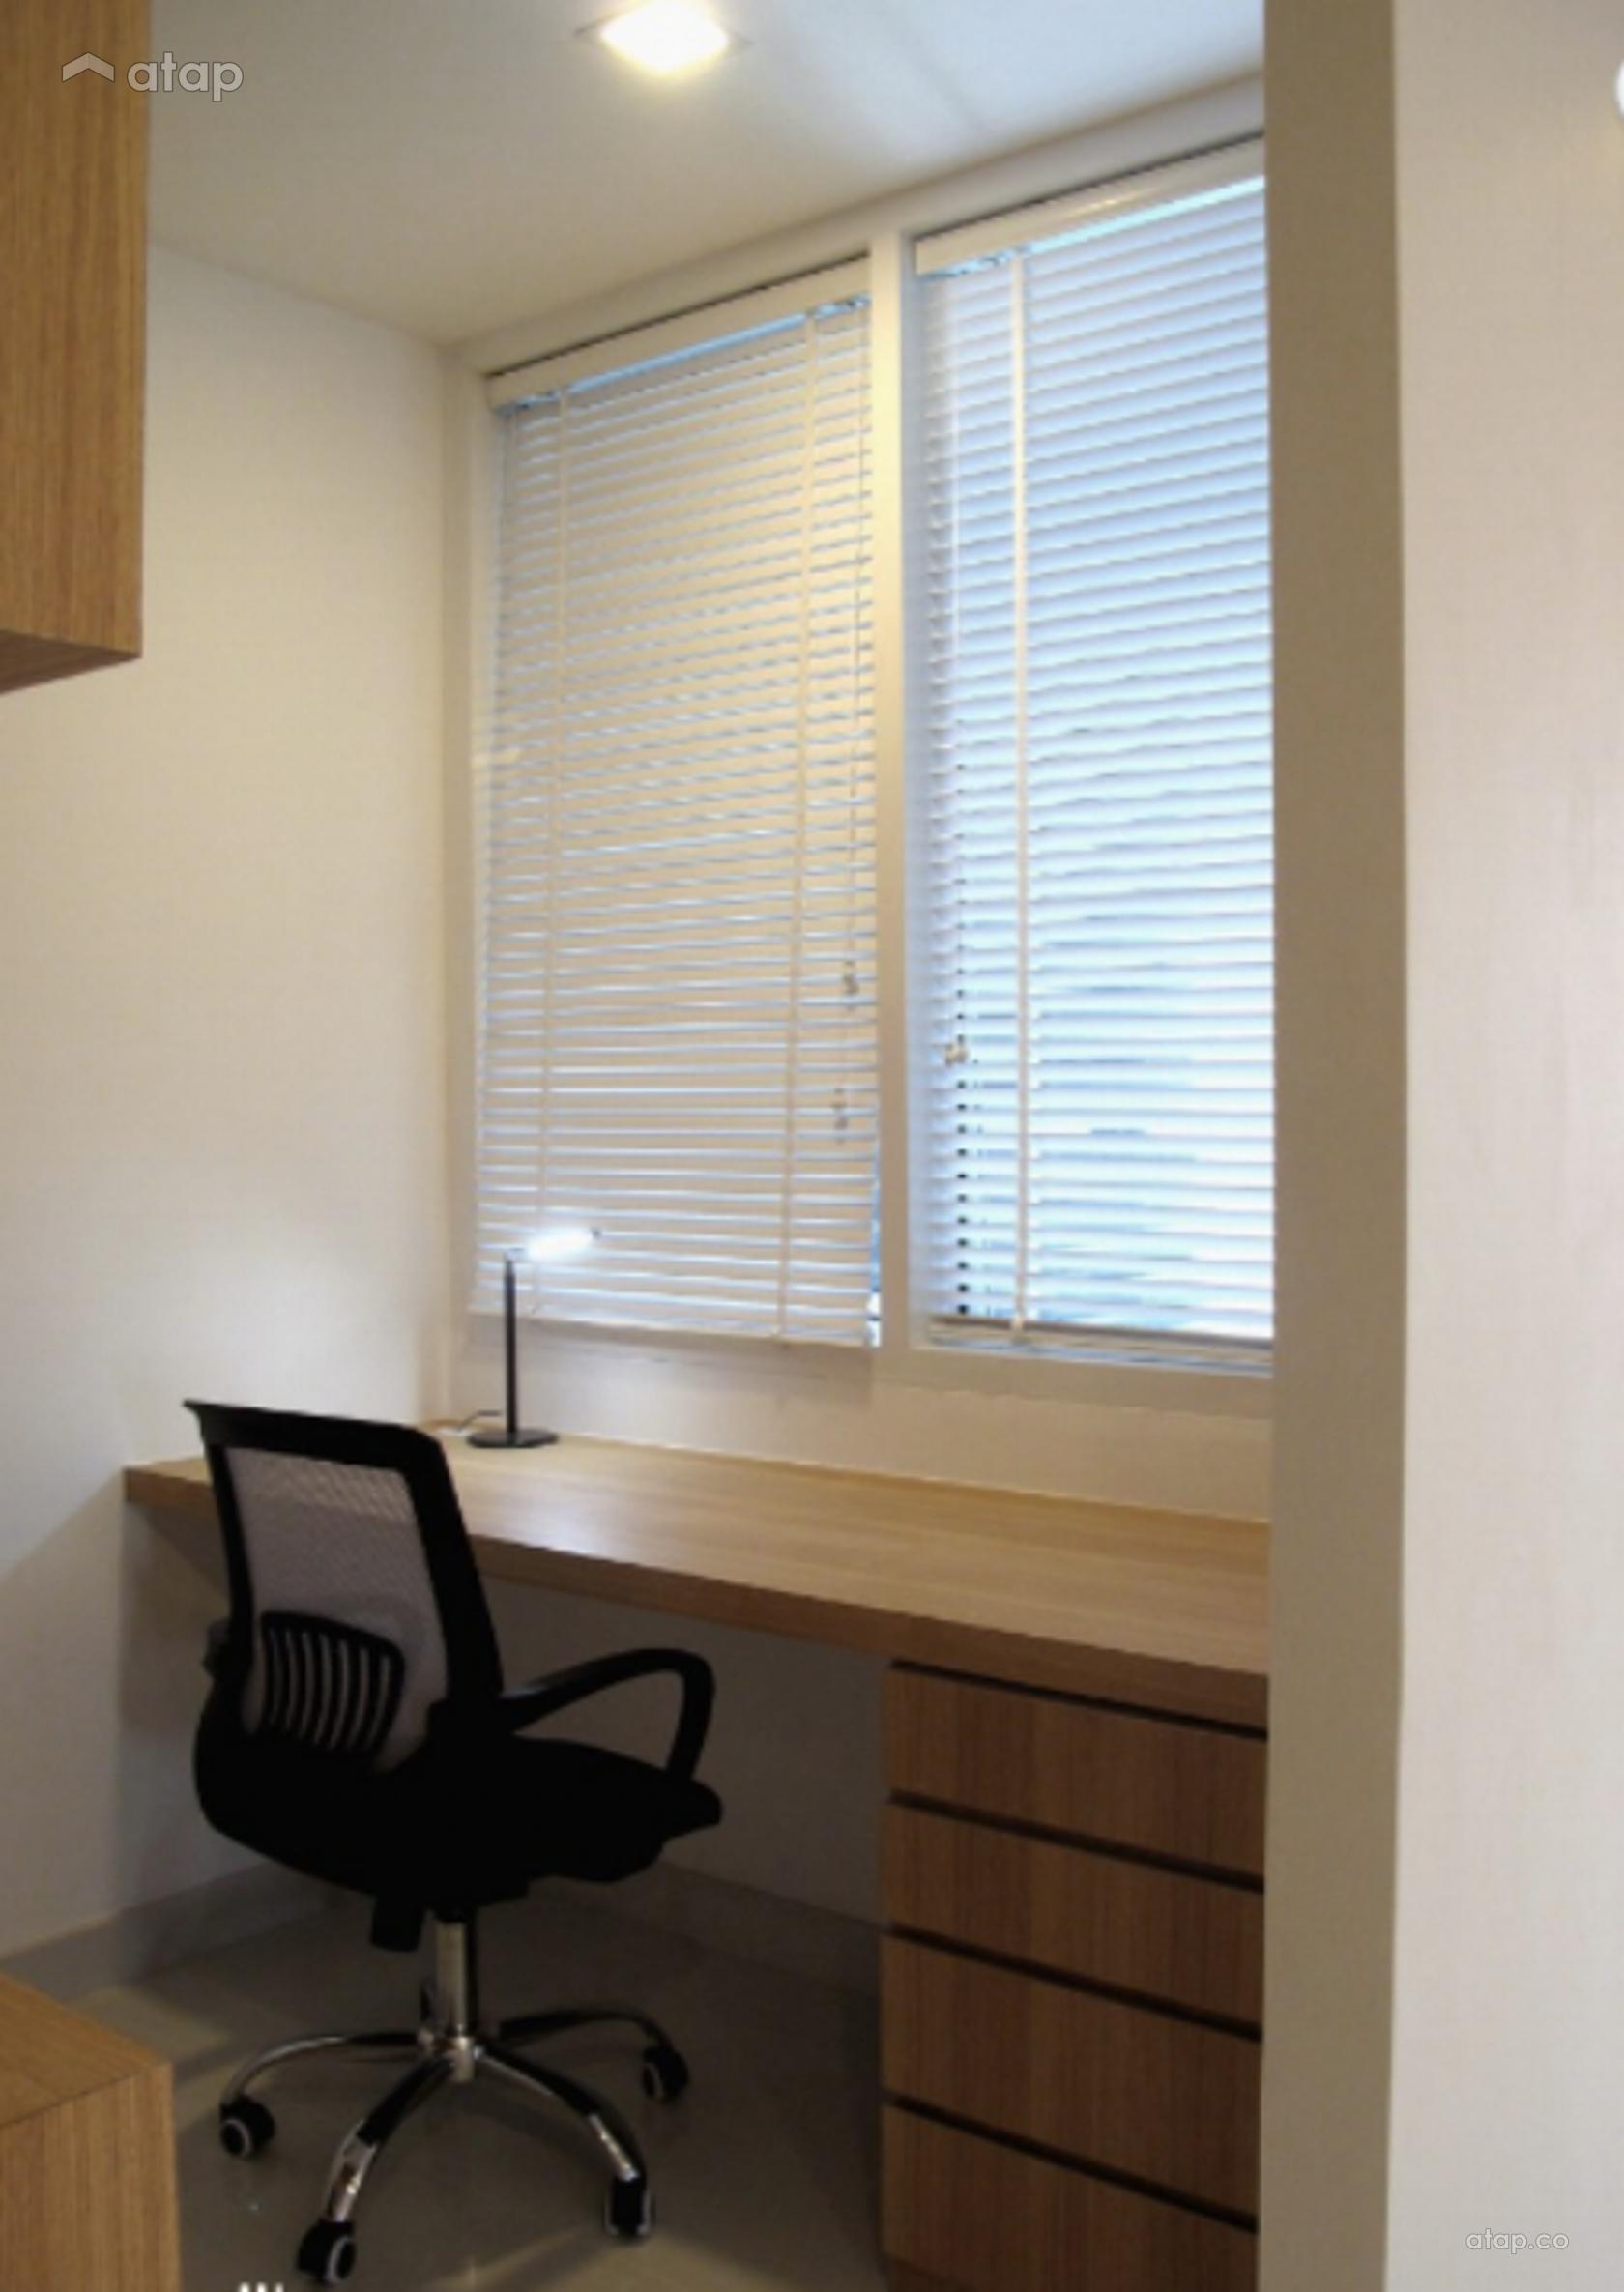 Condominium Study Room: Study Room Condominium Design Ideas & Photos Malaysia